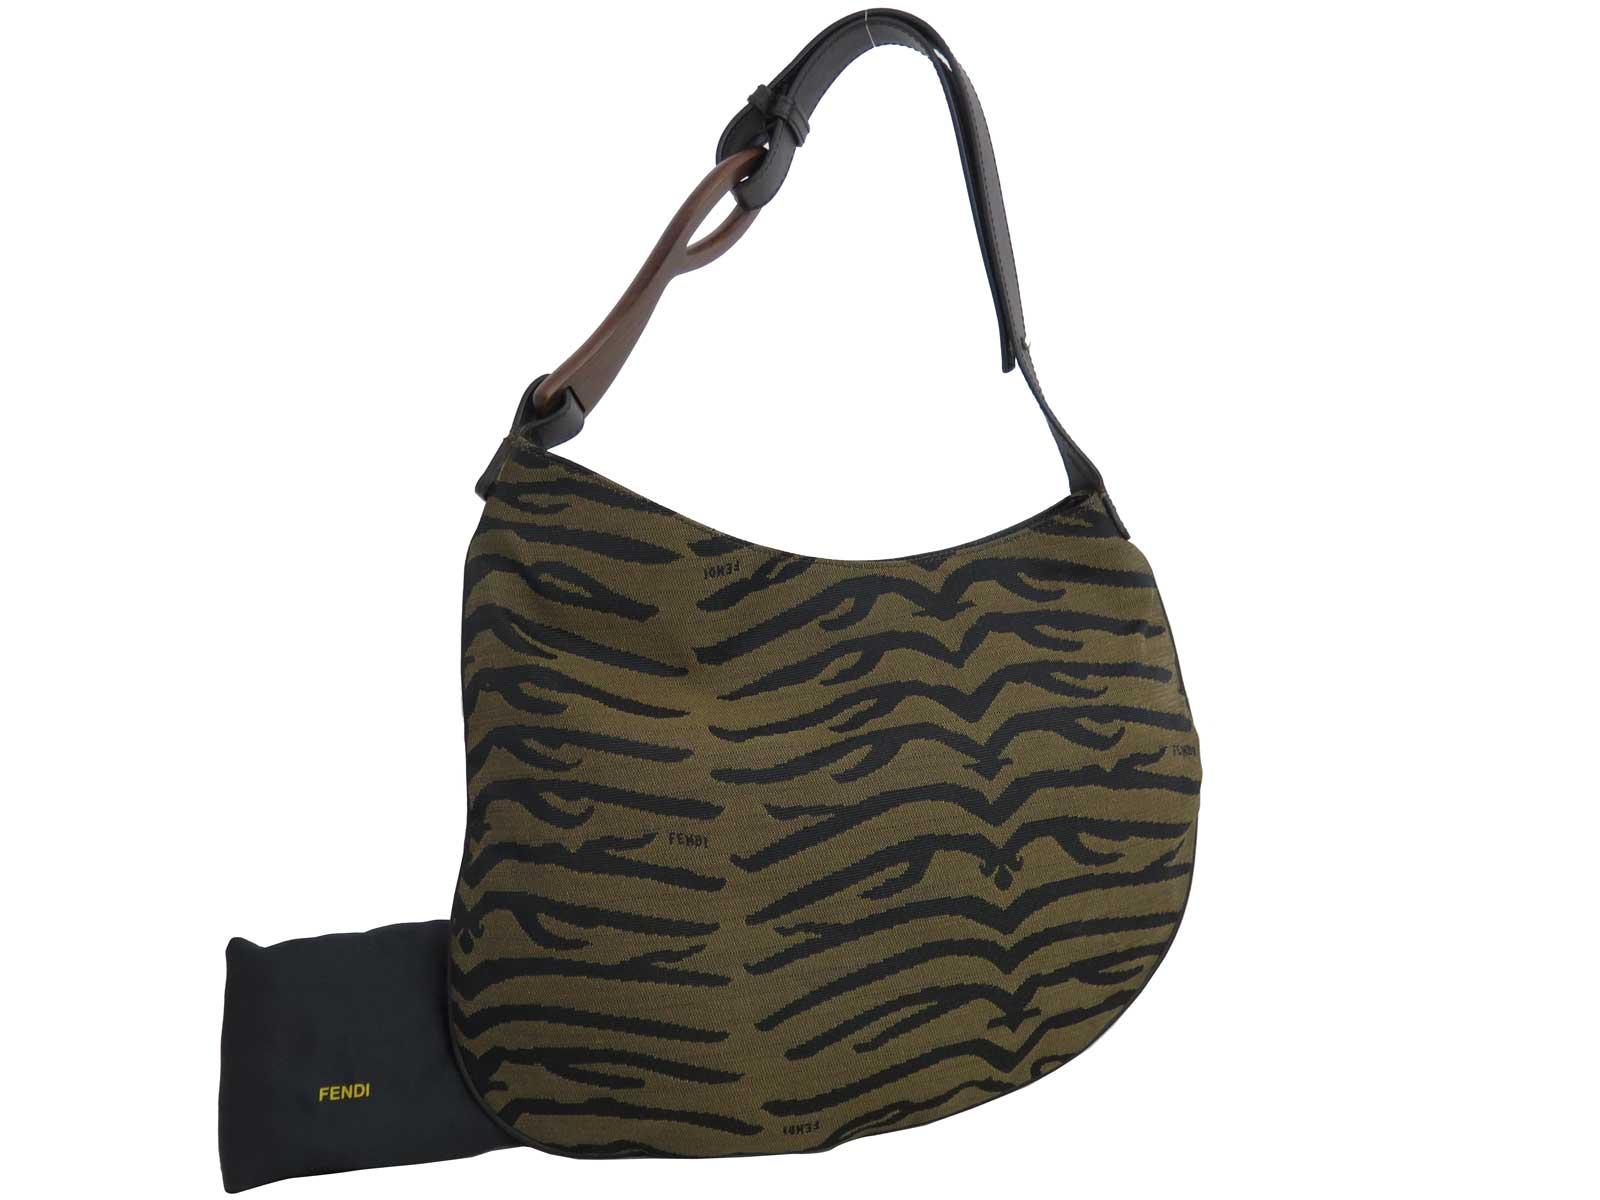 Details about Auth FENDI Logo Shoulder Bag Brown Silvertone Canvas Leather  - e38343 973148731ac7